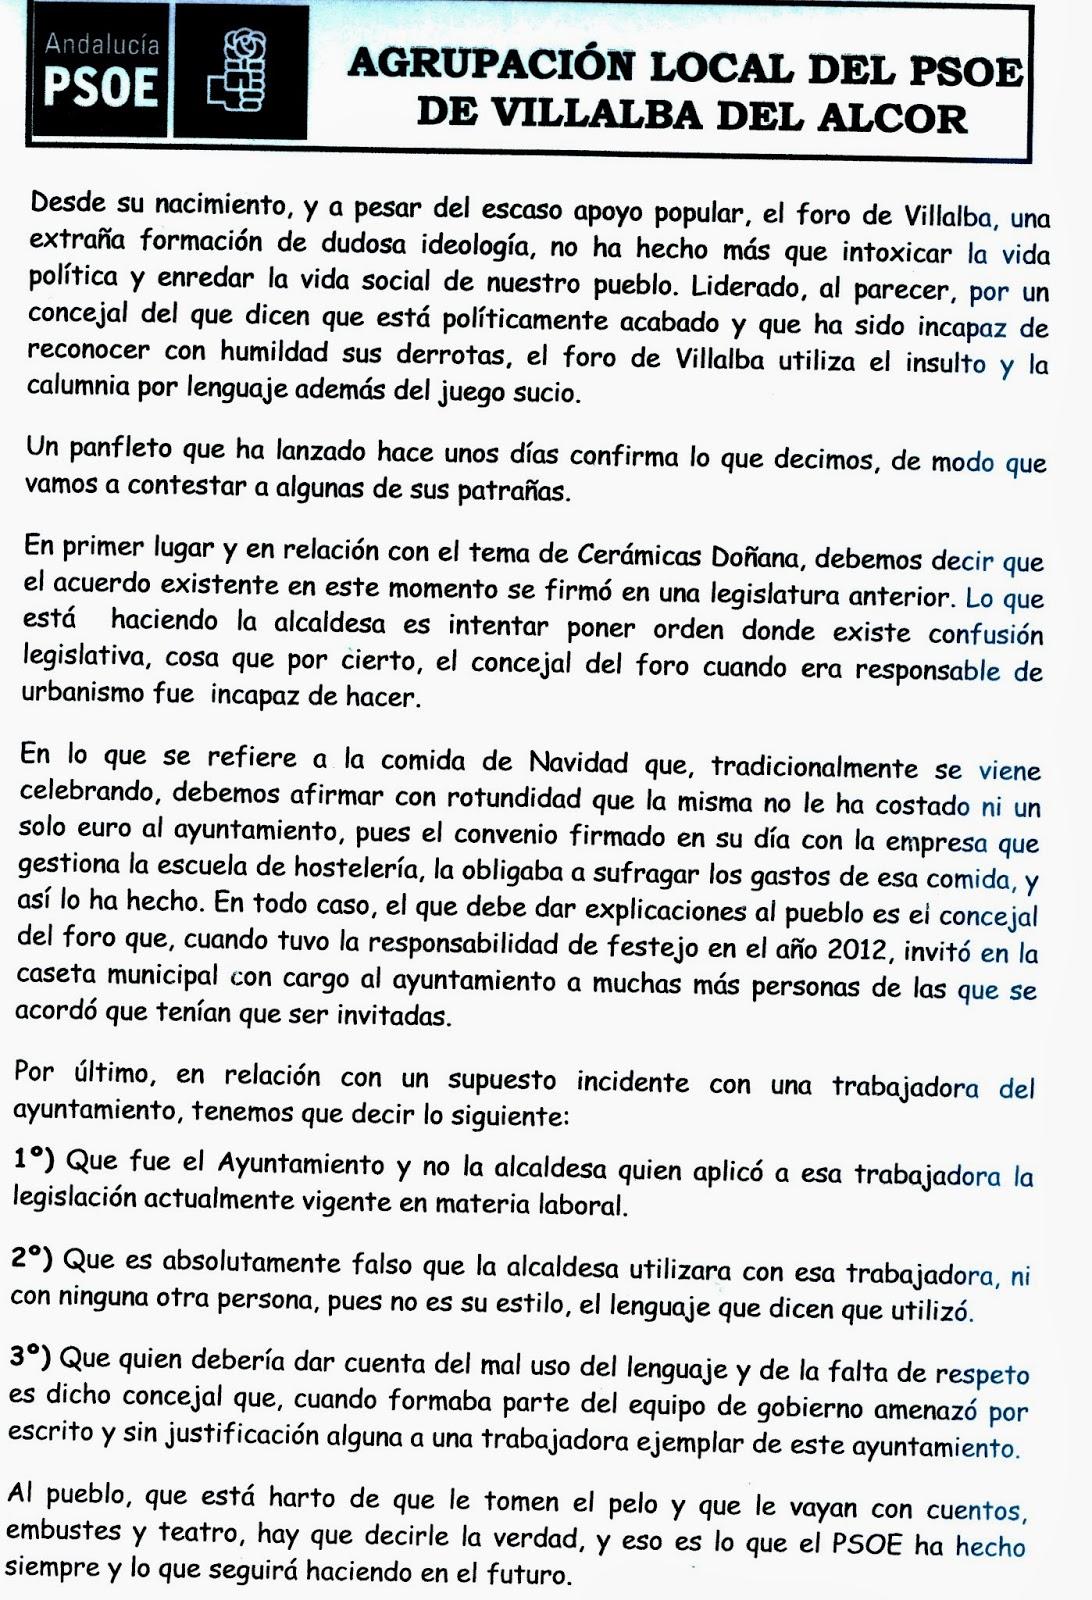 imagina65: Memorias de un pueblo: 22M, DE LA CRISIS AL DESENCANTO.